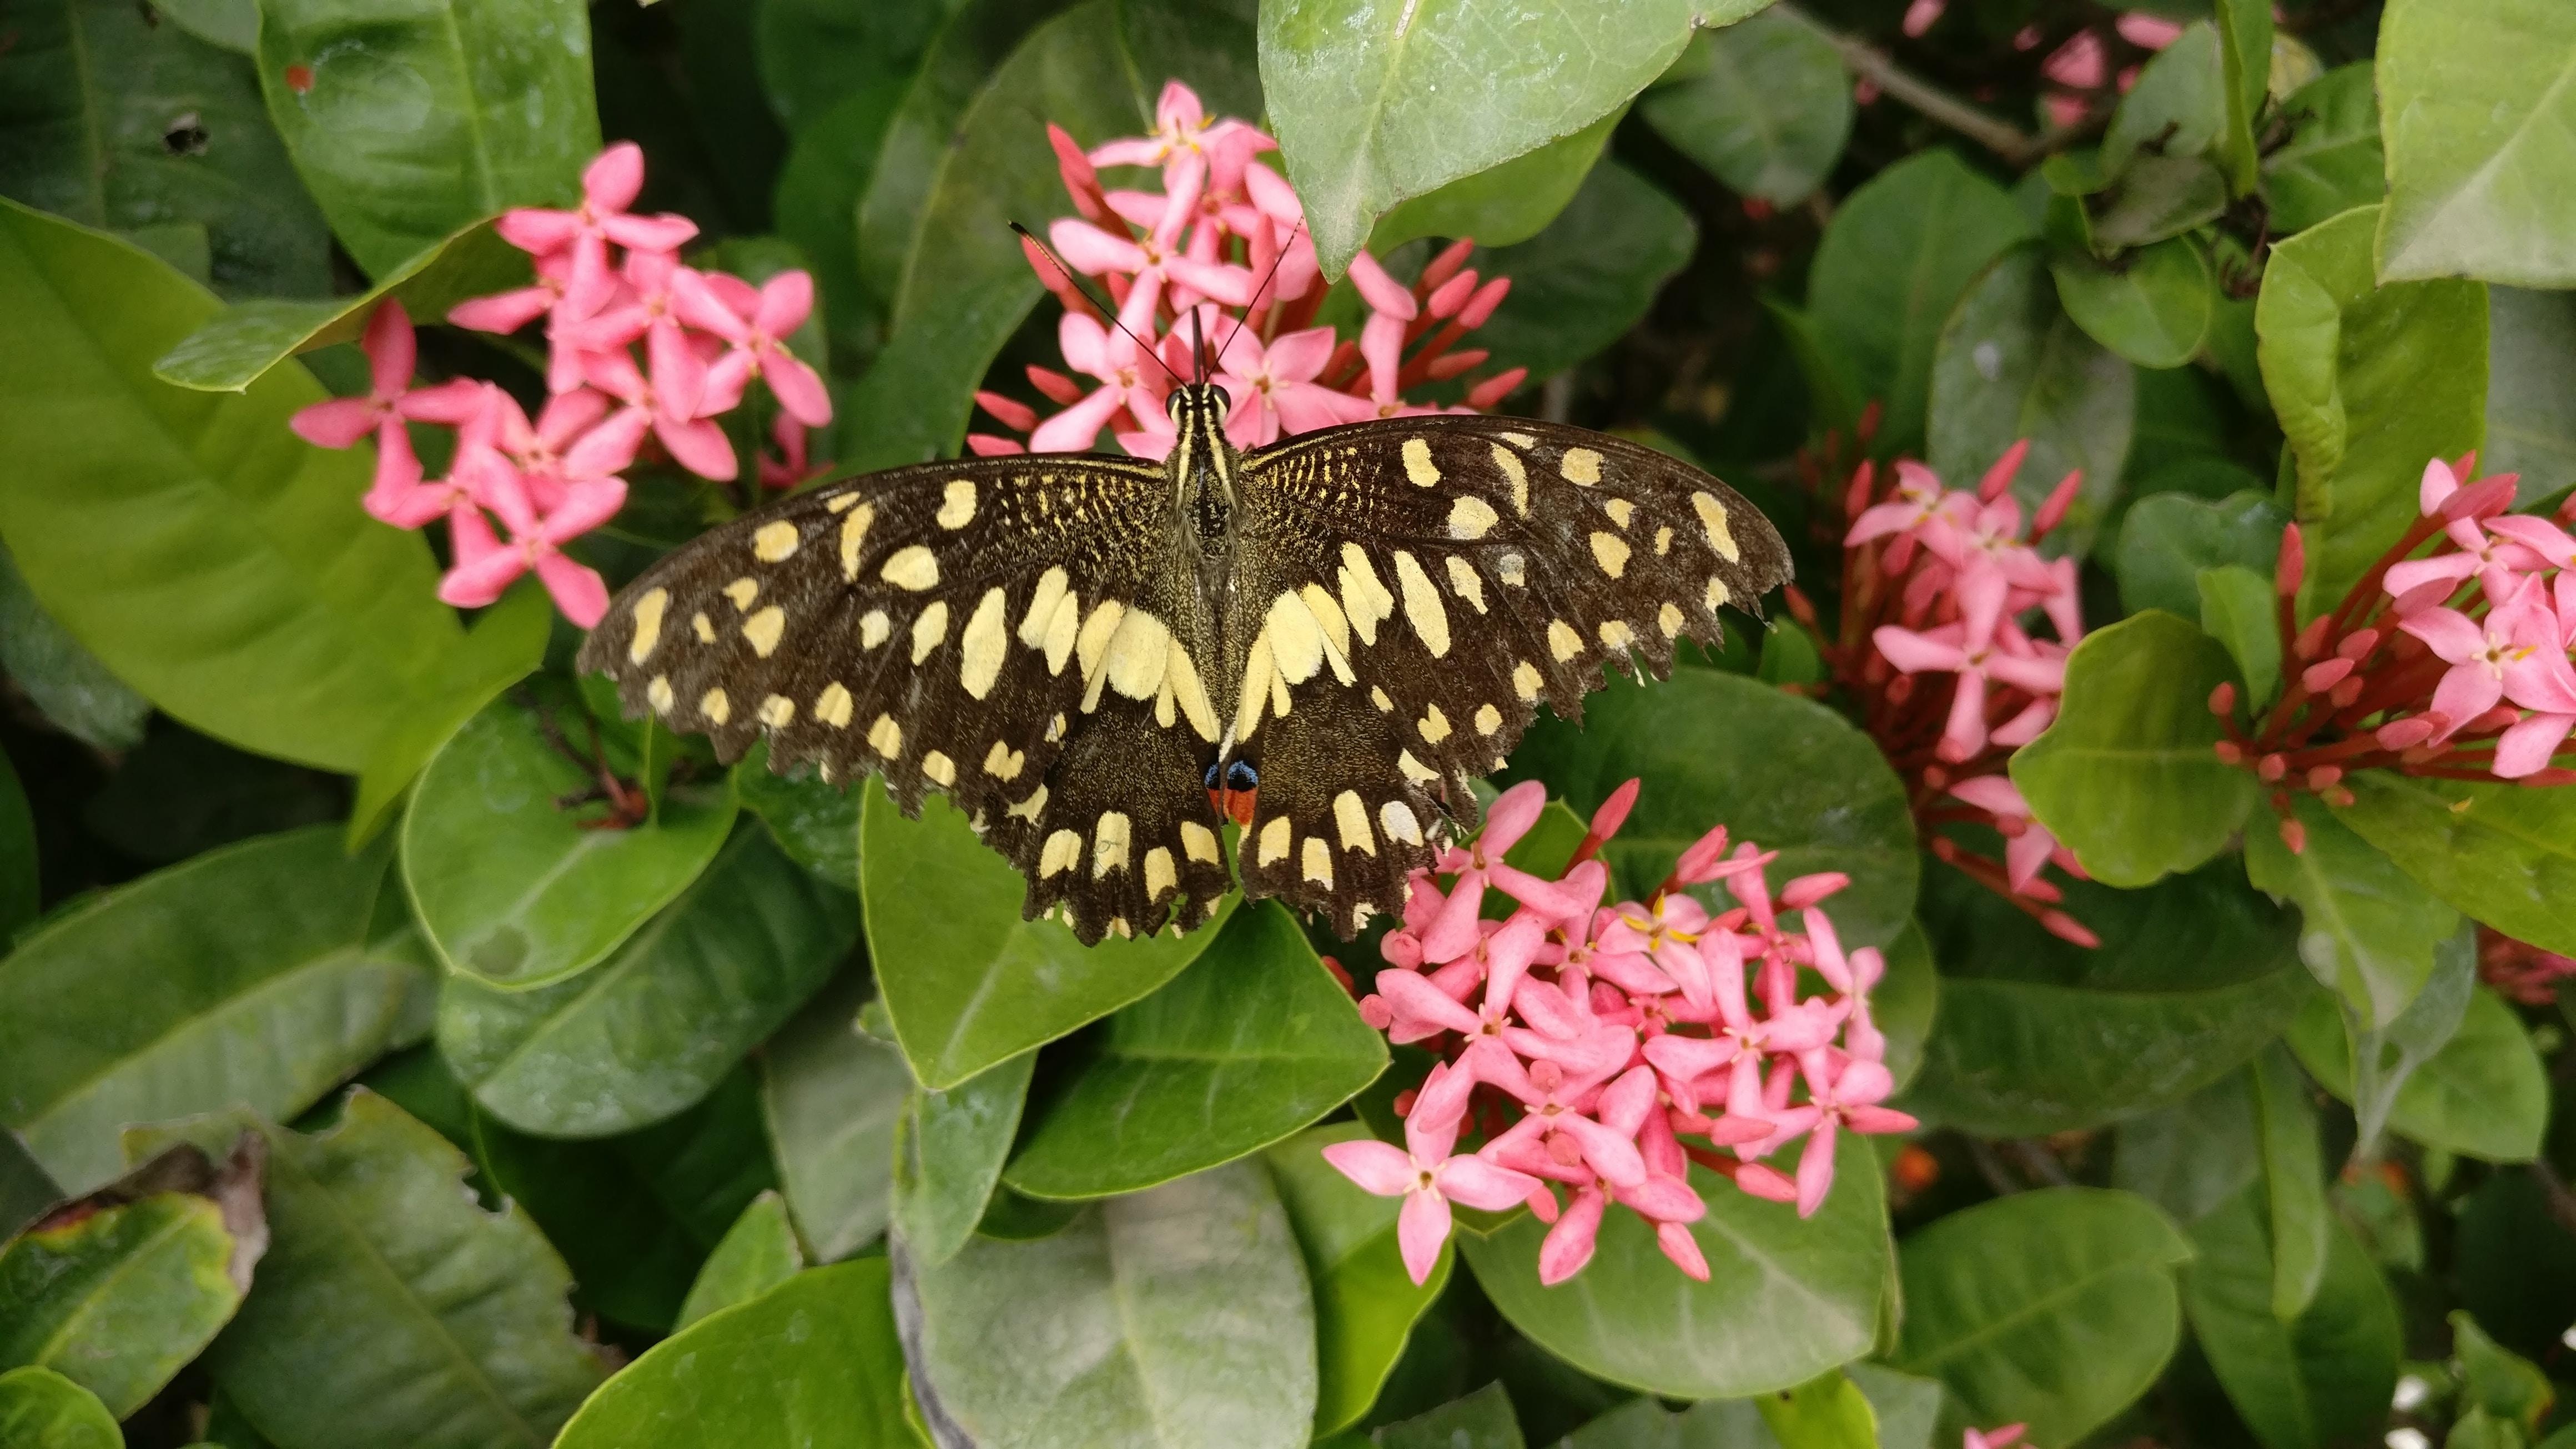 brown moth on pink flowers